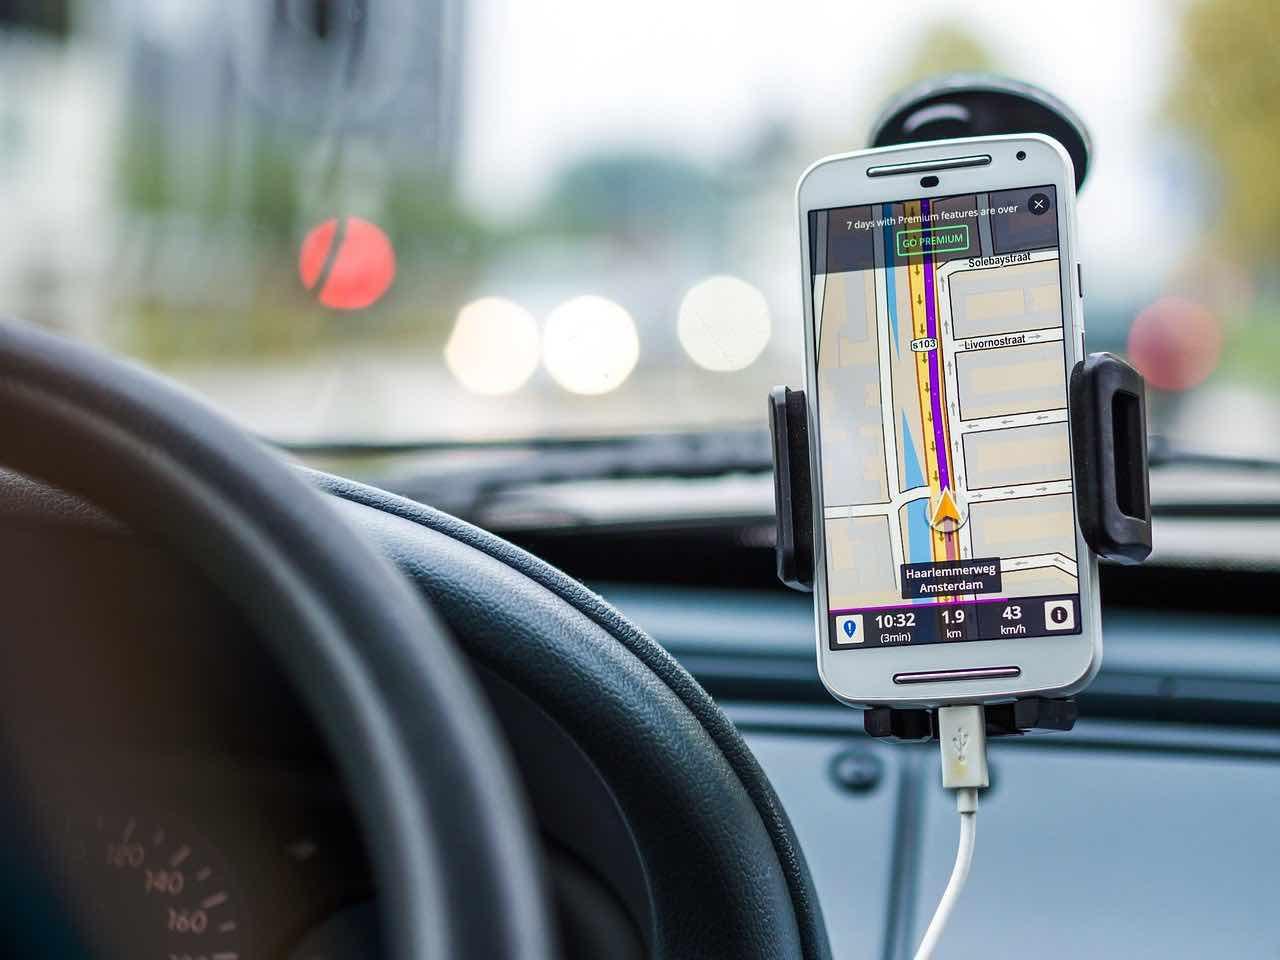 Ricarichi lo smartphone in auto